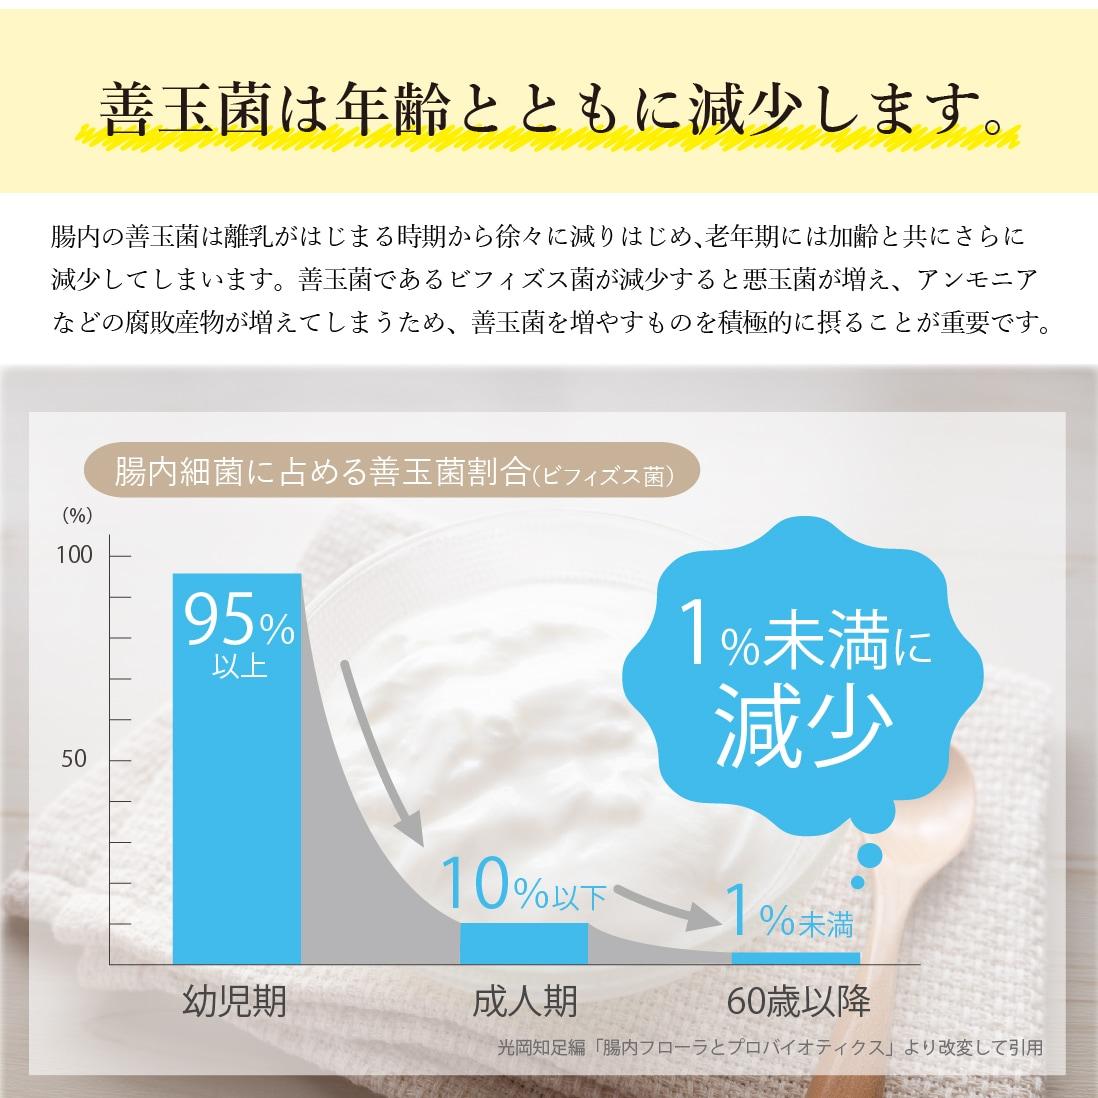 善玉菌が年齢とともに減少するグラフ